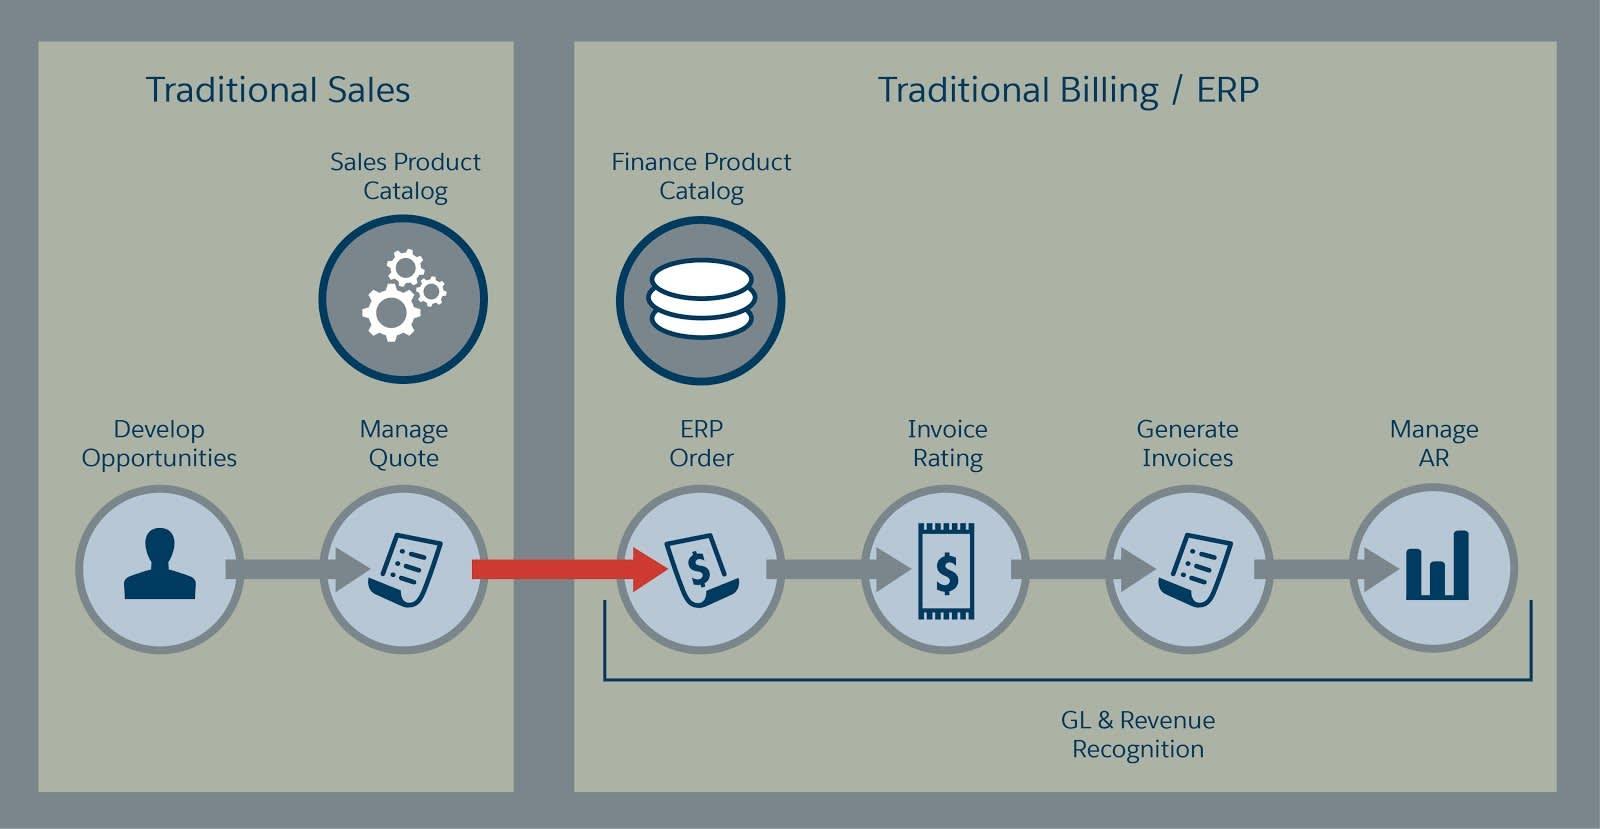 Die herkömmlichen Angebots- und Abrechnungsprozesse werden in Silos verwaltet, die Datenübergabe zwischen Vertrieb und Finanzbereich ist mühsam und erfordert die erneute Datenverarbeitung.